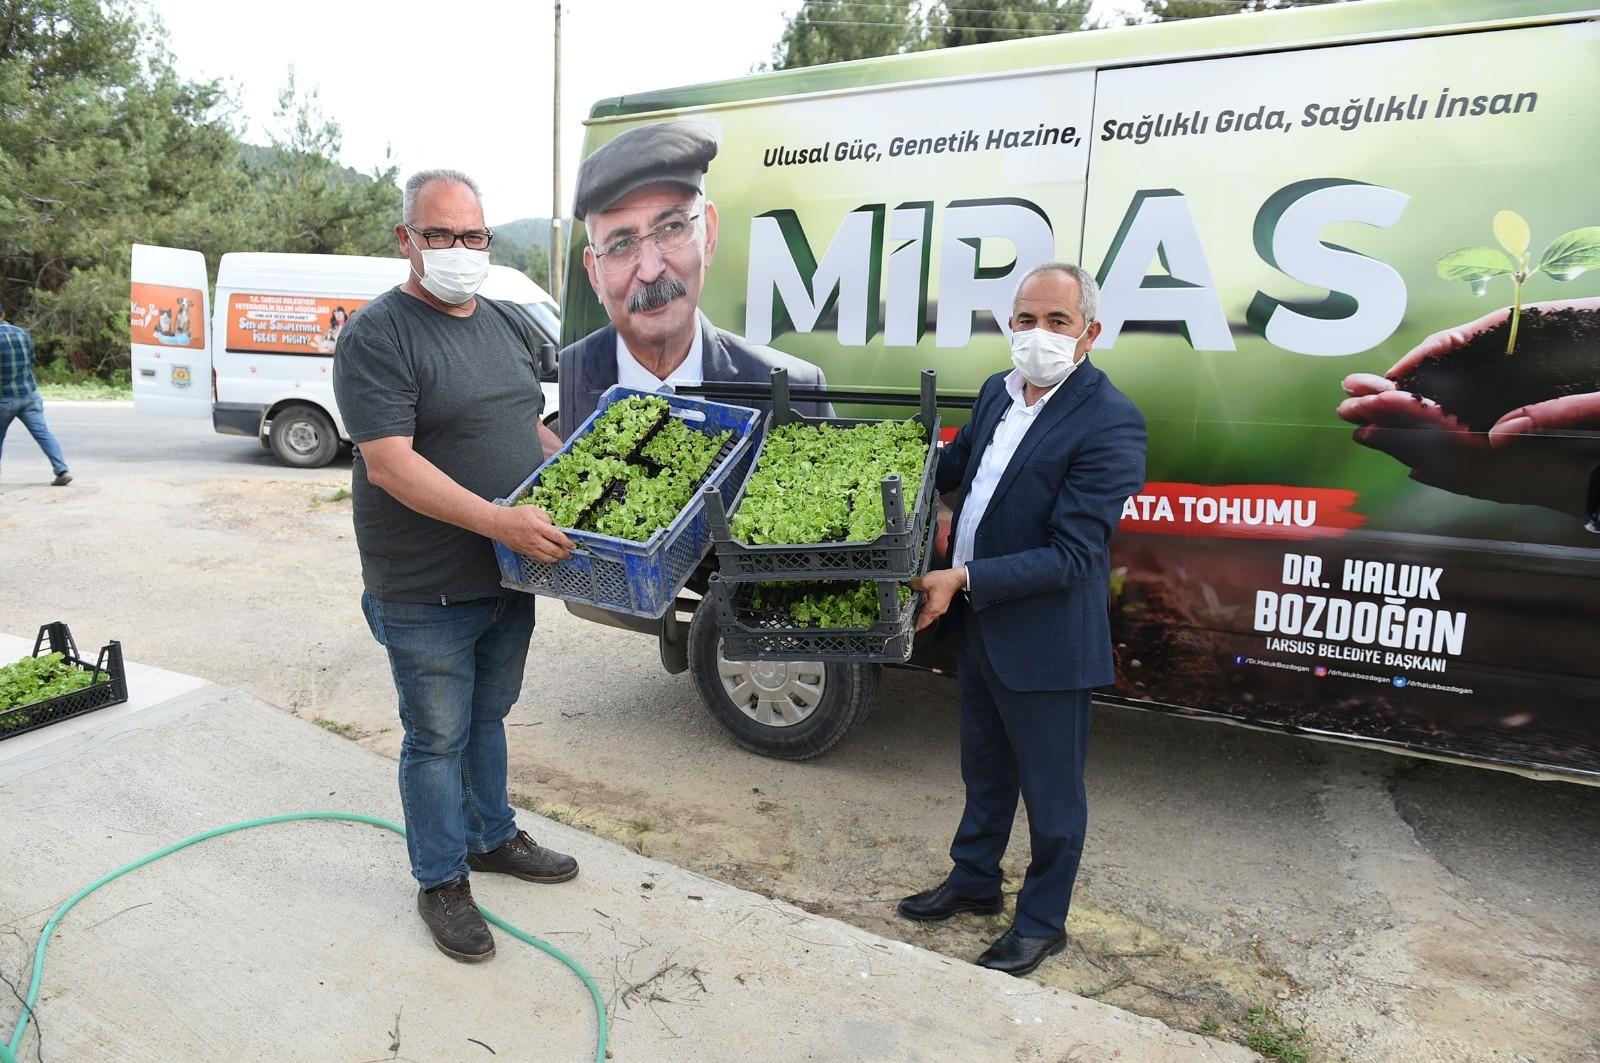 Ata tohumu ile yetiştirilen 300 bin adet fide üreticilere ücretsiz dağıtıldı